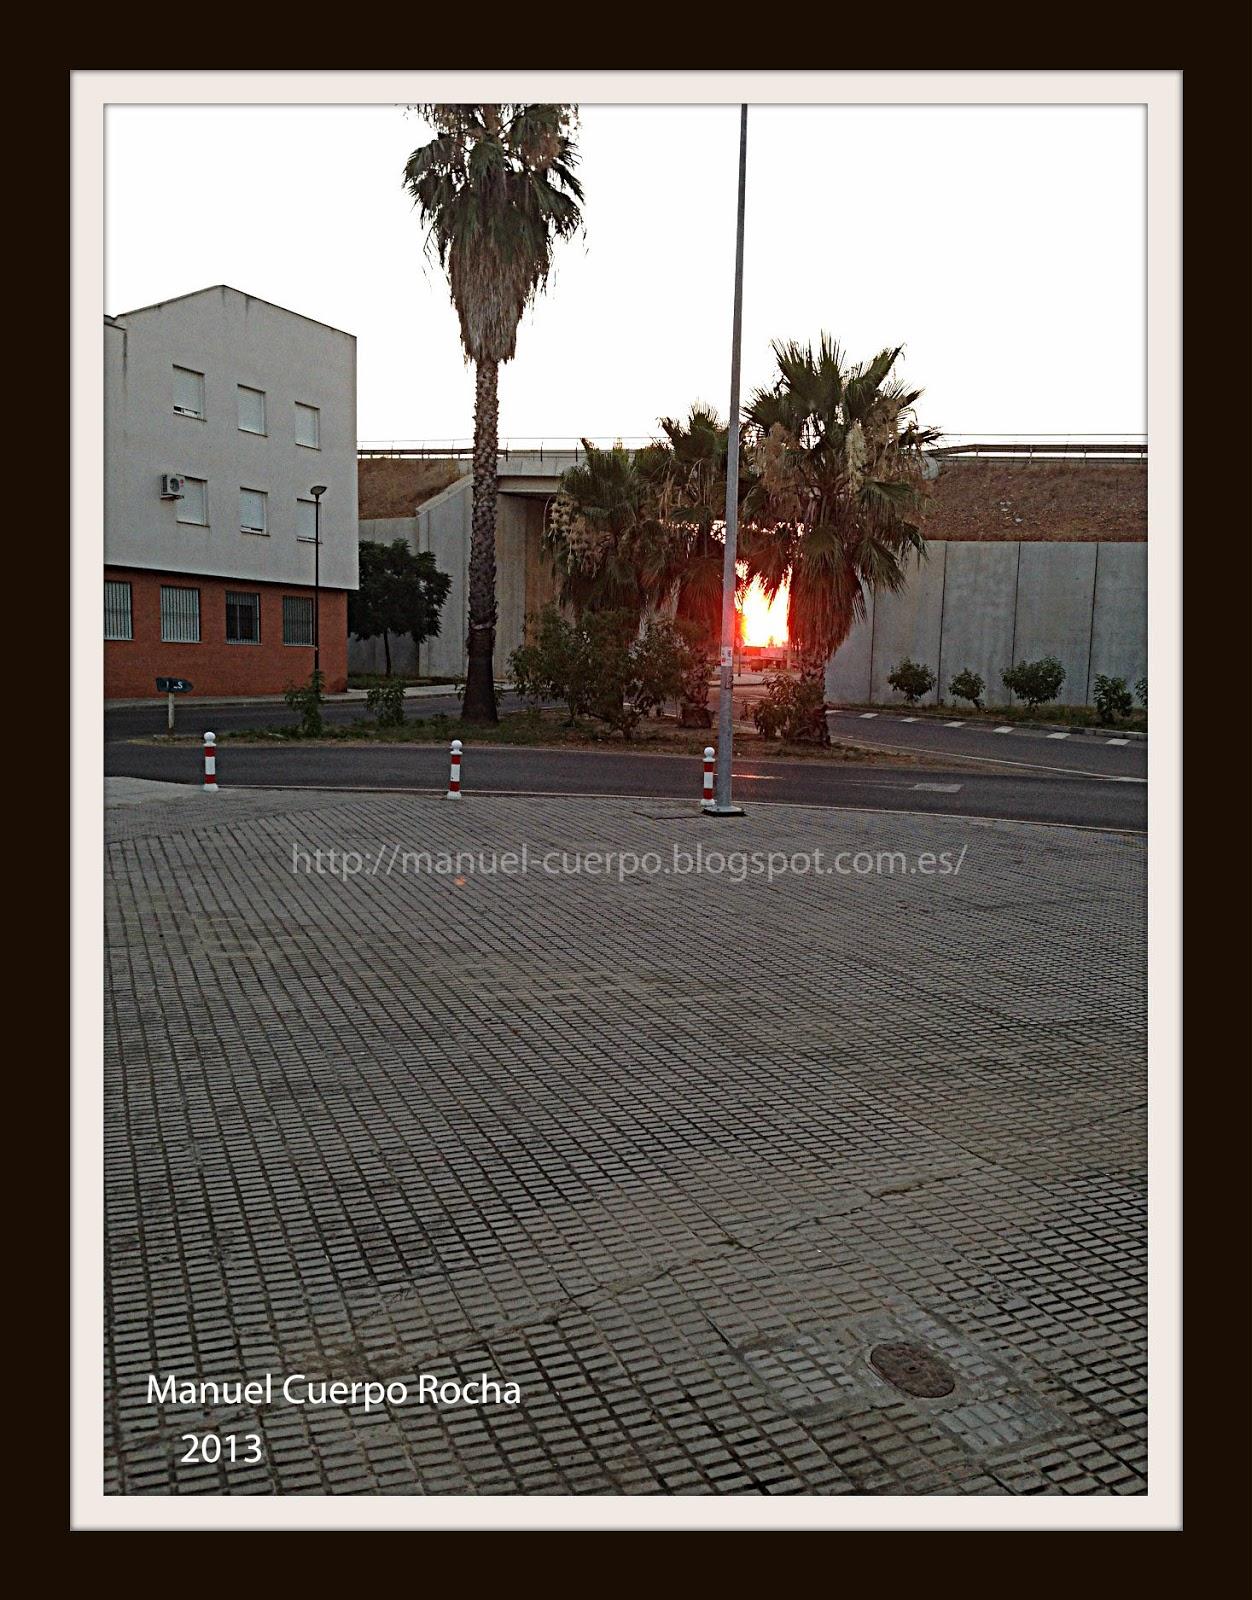 Directorio calles del callejero ilustrado de montijo for Puerta 5 foro sol